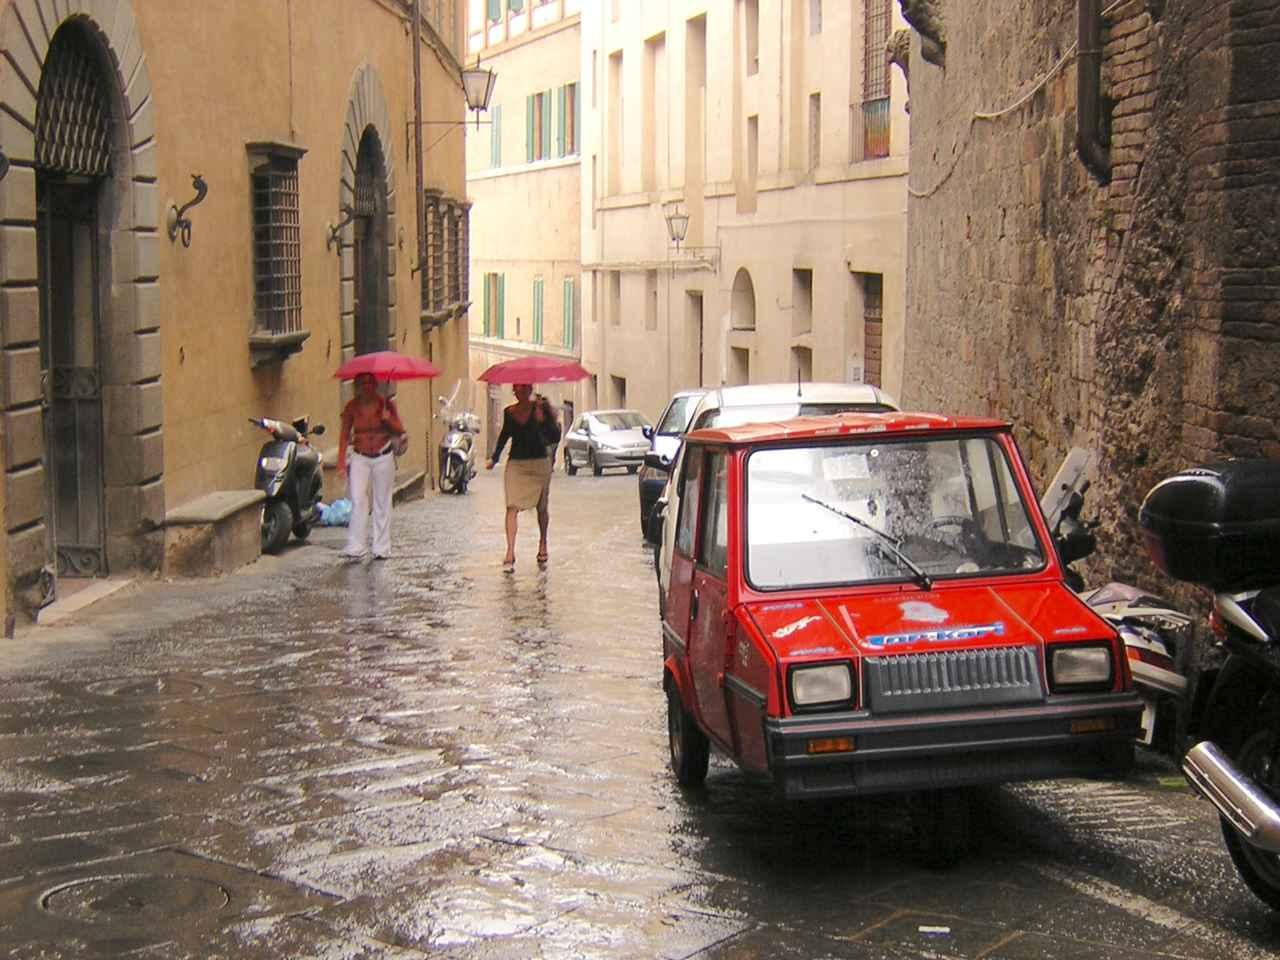 画像: 2005年5月、シエナにて撮影。まだこの頃は、3輪のマイクロカーも見かけた。これはカザリーニ(イタリア)の「サルキー」というモデル。